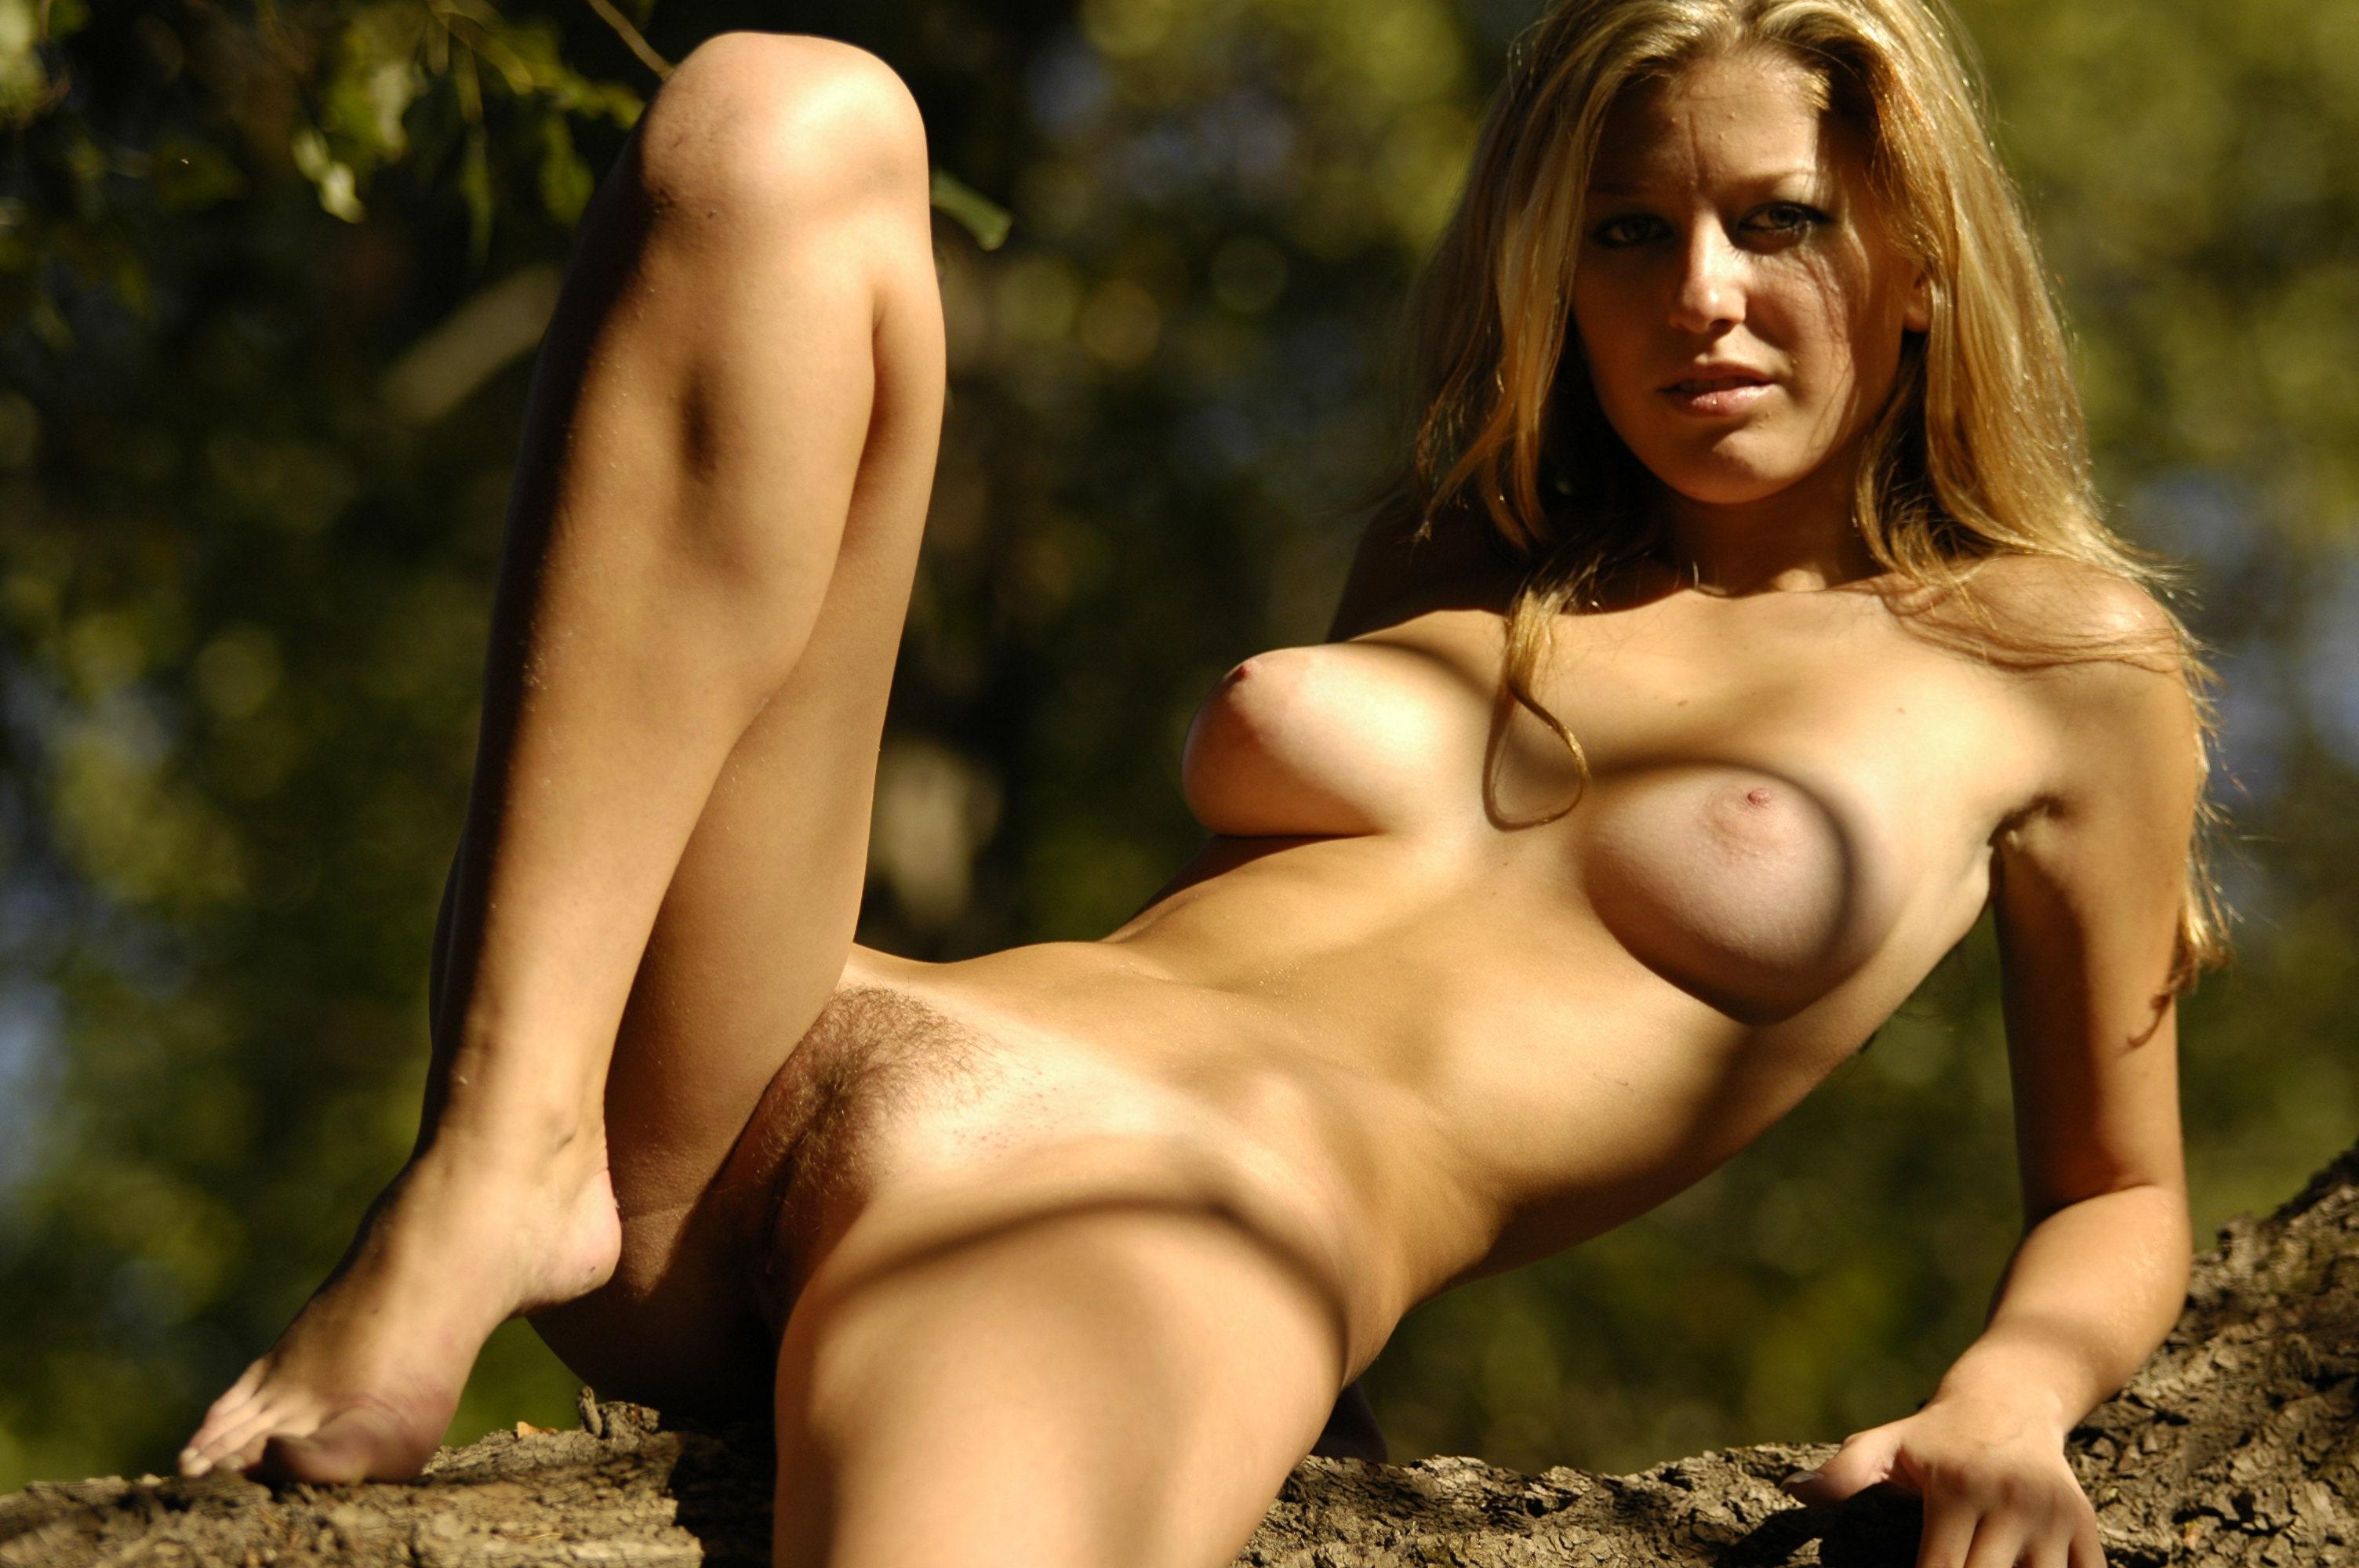 Фотографии красивых абсолютно голых девушек 18 фотография